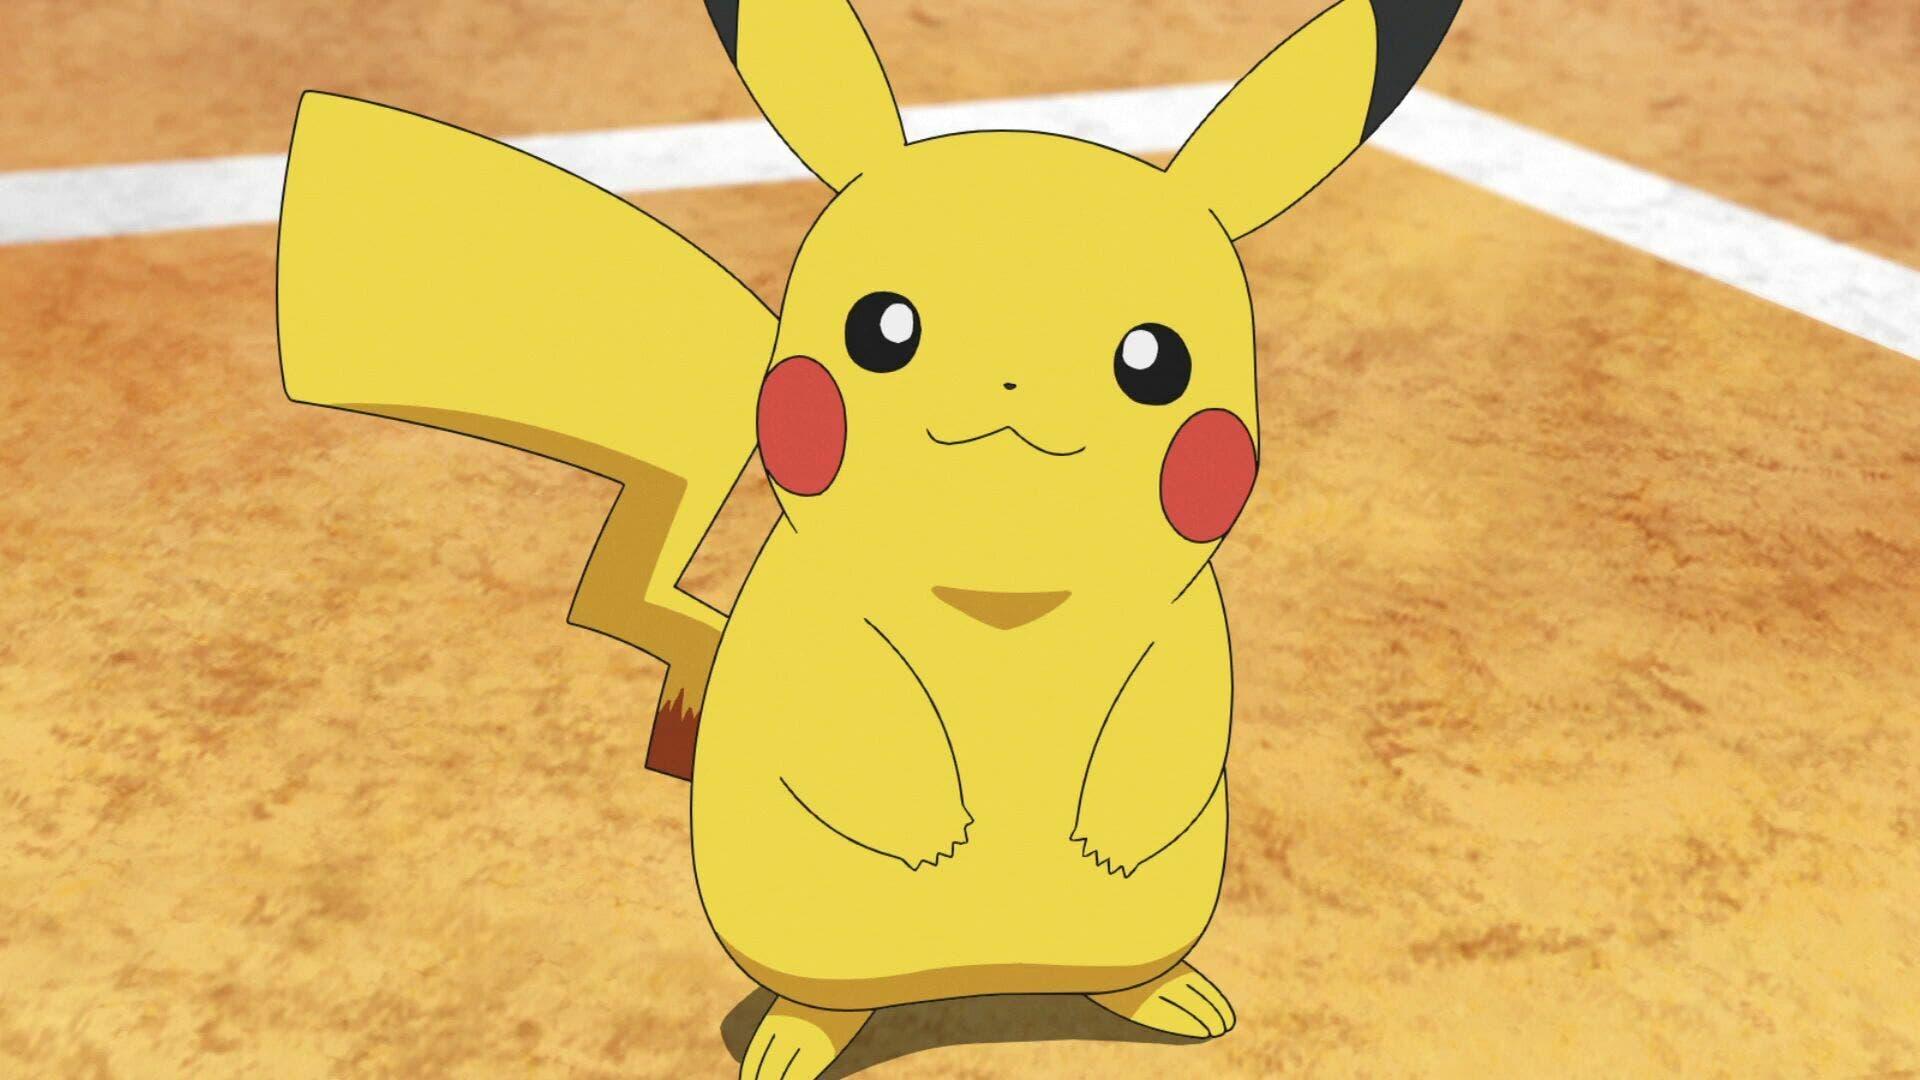 Pokémon Espada y Escudo: Consigue un Pikachu con Canto gracias a este código